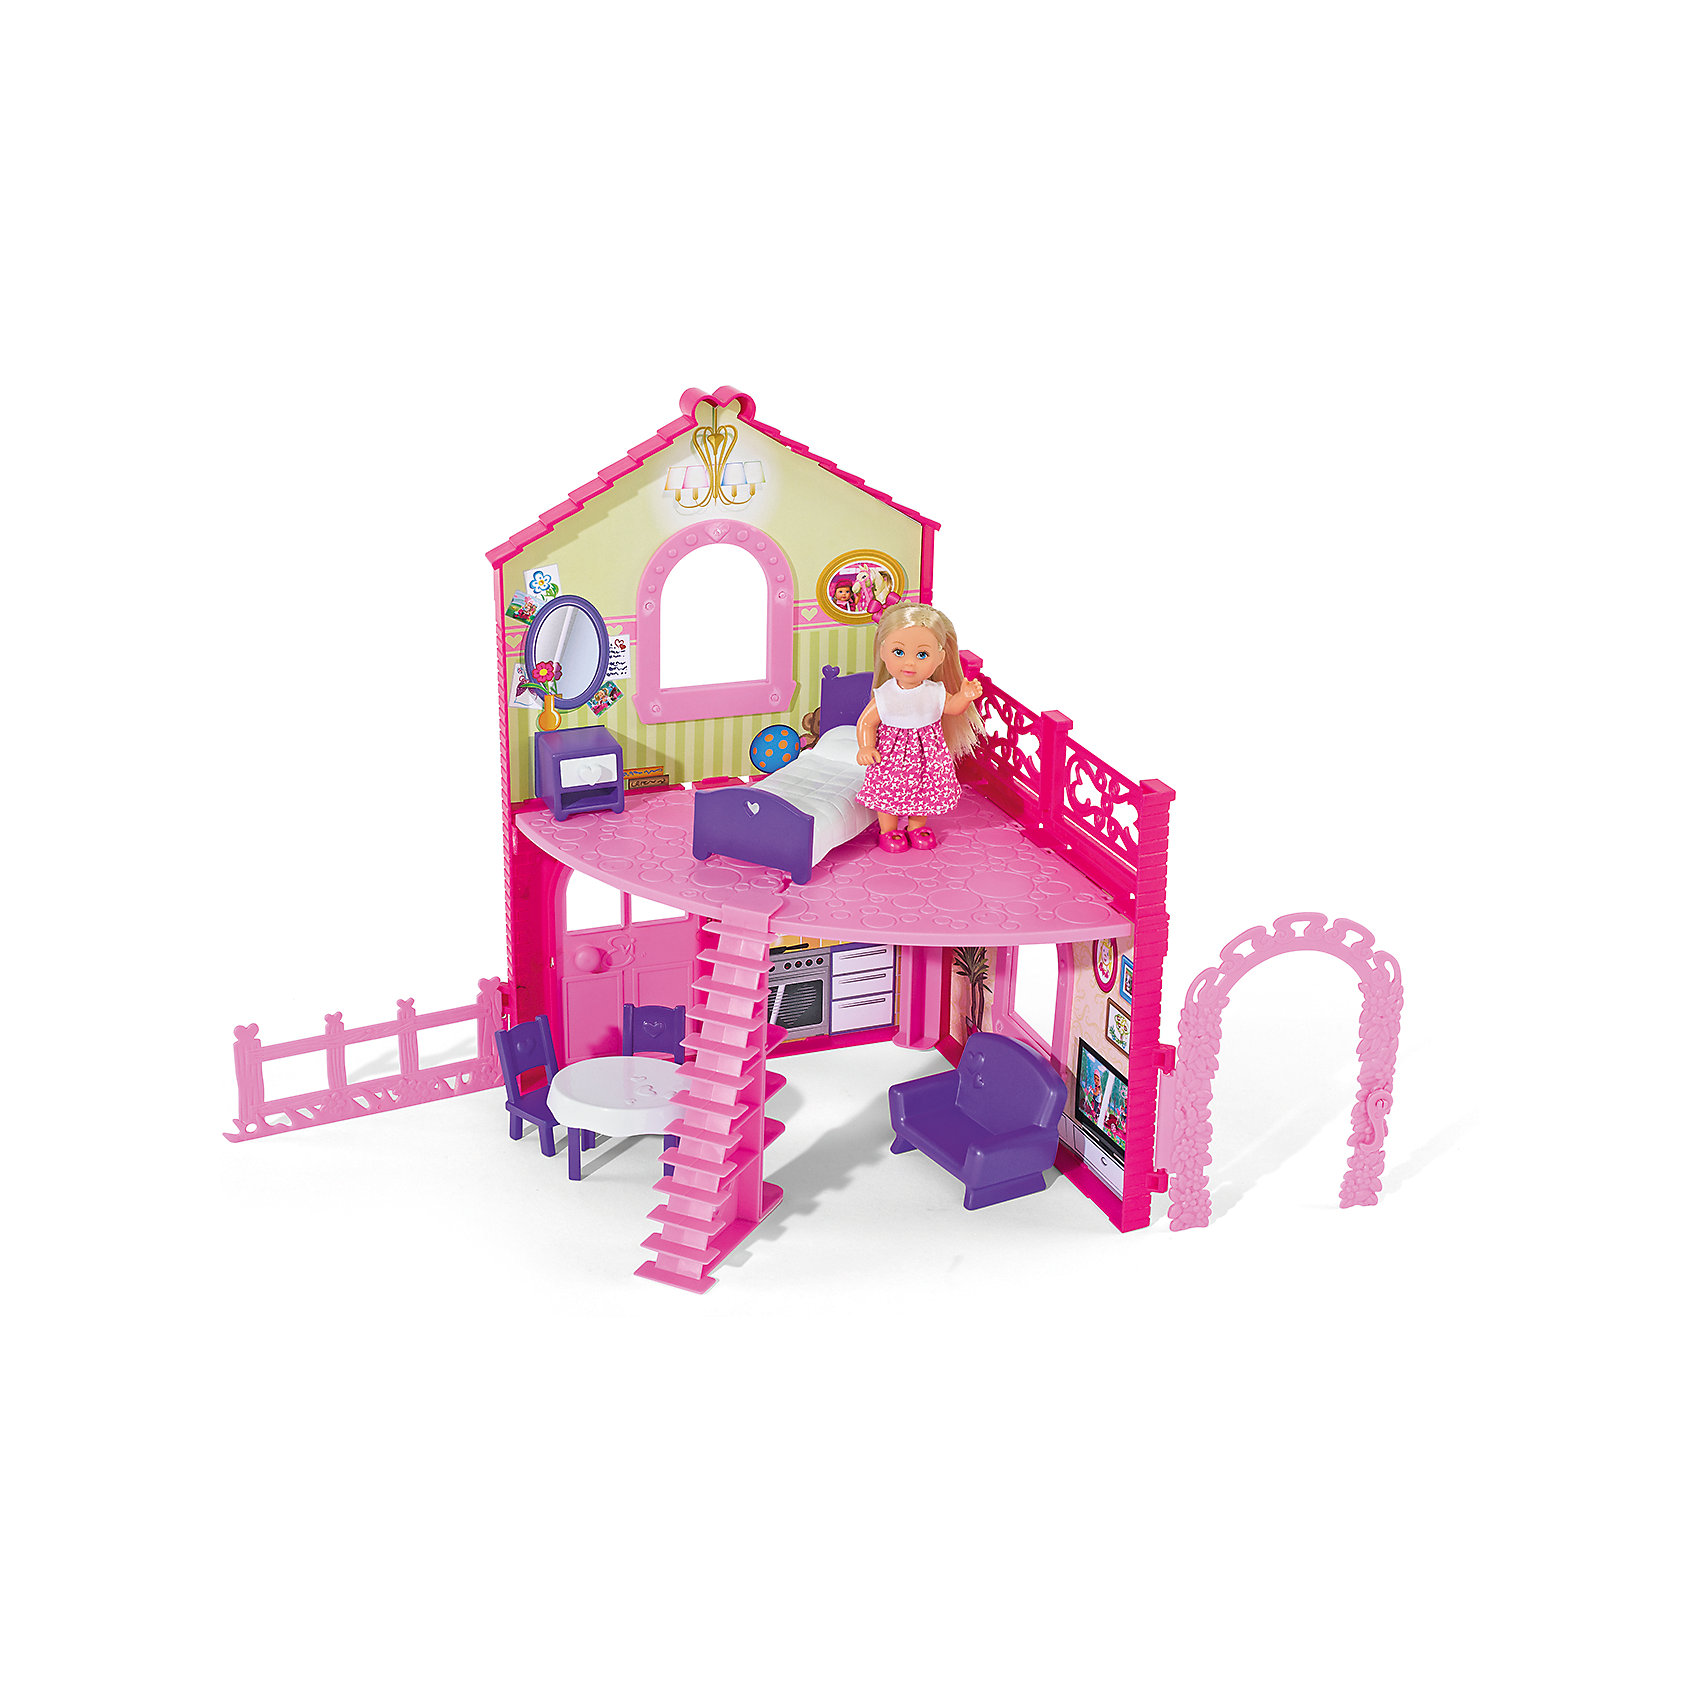 Кукла Еви в двухэтажном доме, SimbaБренды кукол<br>Характеристики товара:<br><br>- цвет: разноцветный;<br>- материал: пластик;<br>- возраст: от трех лет;<br>- комплектация: кукла, одежда, мебель;<br>- высота куклы: 12 см.<br><br>Эта симпатичная кукла Еви от известного бренда приводит детей в восторг! Какая девочка сможет отказаться поиграть с куклами, которые дополнены набором в виде дома и предметами из него?! В набор входят аксессуары и предметы мебели для игр с куклой. Игрушка очень качественно выполнена, поэтому она станет замечательным подарком ребенку. <br>Продается набор в красивой удобной упаковке. Изделие произведено из высококачественного материала, безопасного для детей.<br><br>Куклу Еви в двухэтажном доме от бренда Simba можно купить в нашем интернет-магазине.<br><br>Ширина мм: 70<br>Глубина мм: 400<br>Высота мм: 330<br>Вес г: 1100<br>Возраст от месяцев: 36<br>Возраст до месяцев: 120<br>Пол: Женский<br>Возраст: Детский<br>SKU: 5119517